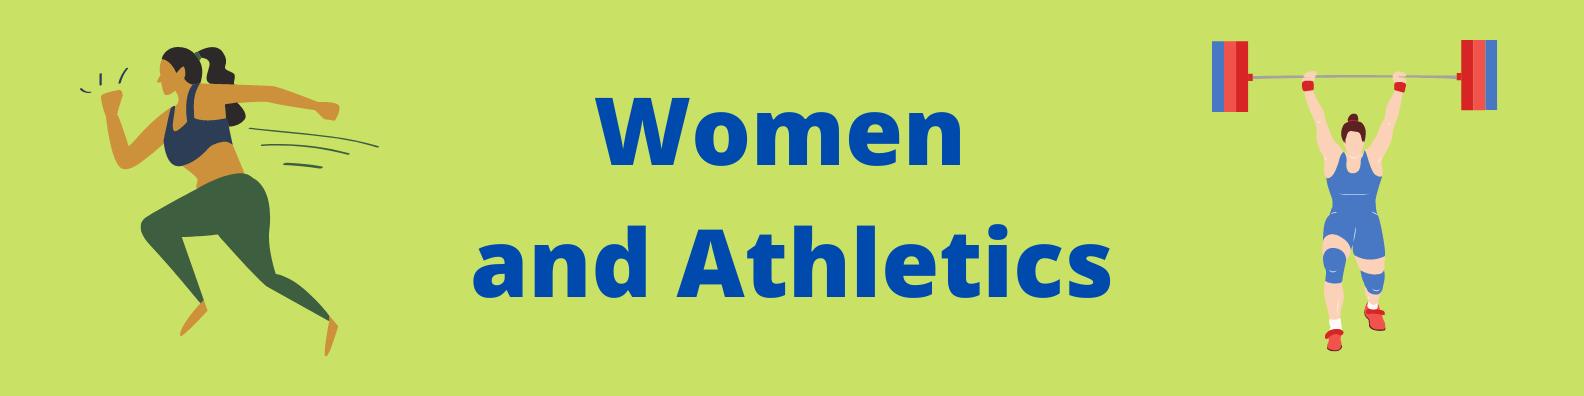 Women in Athletics - banner